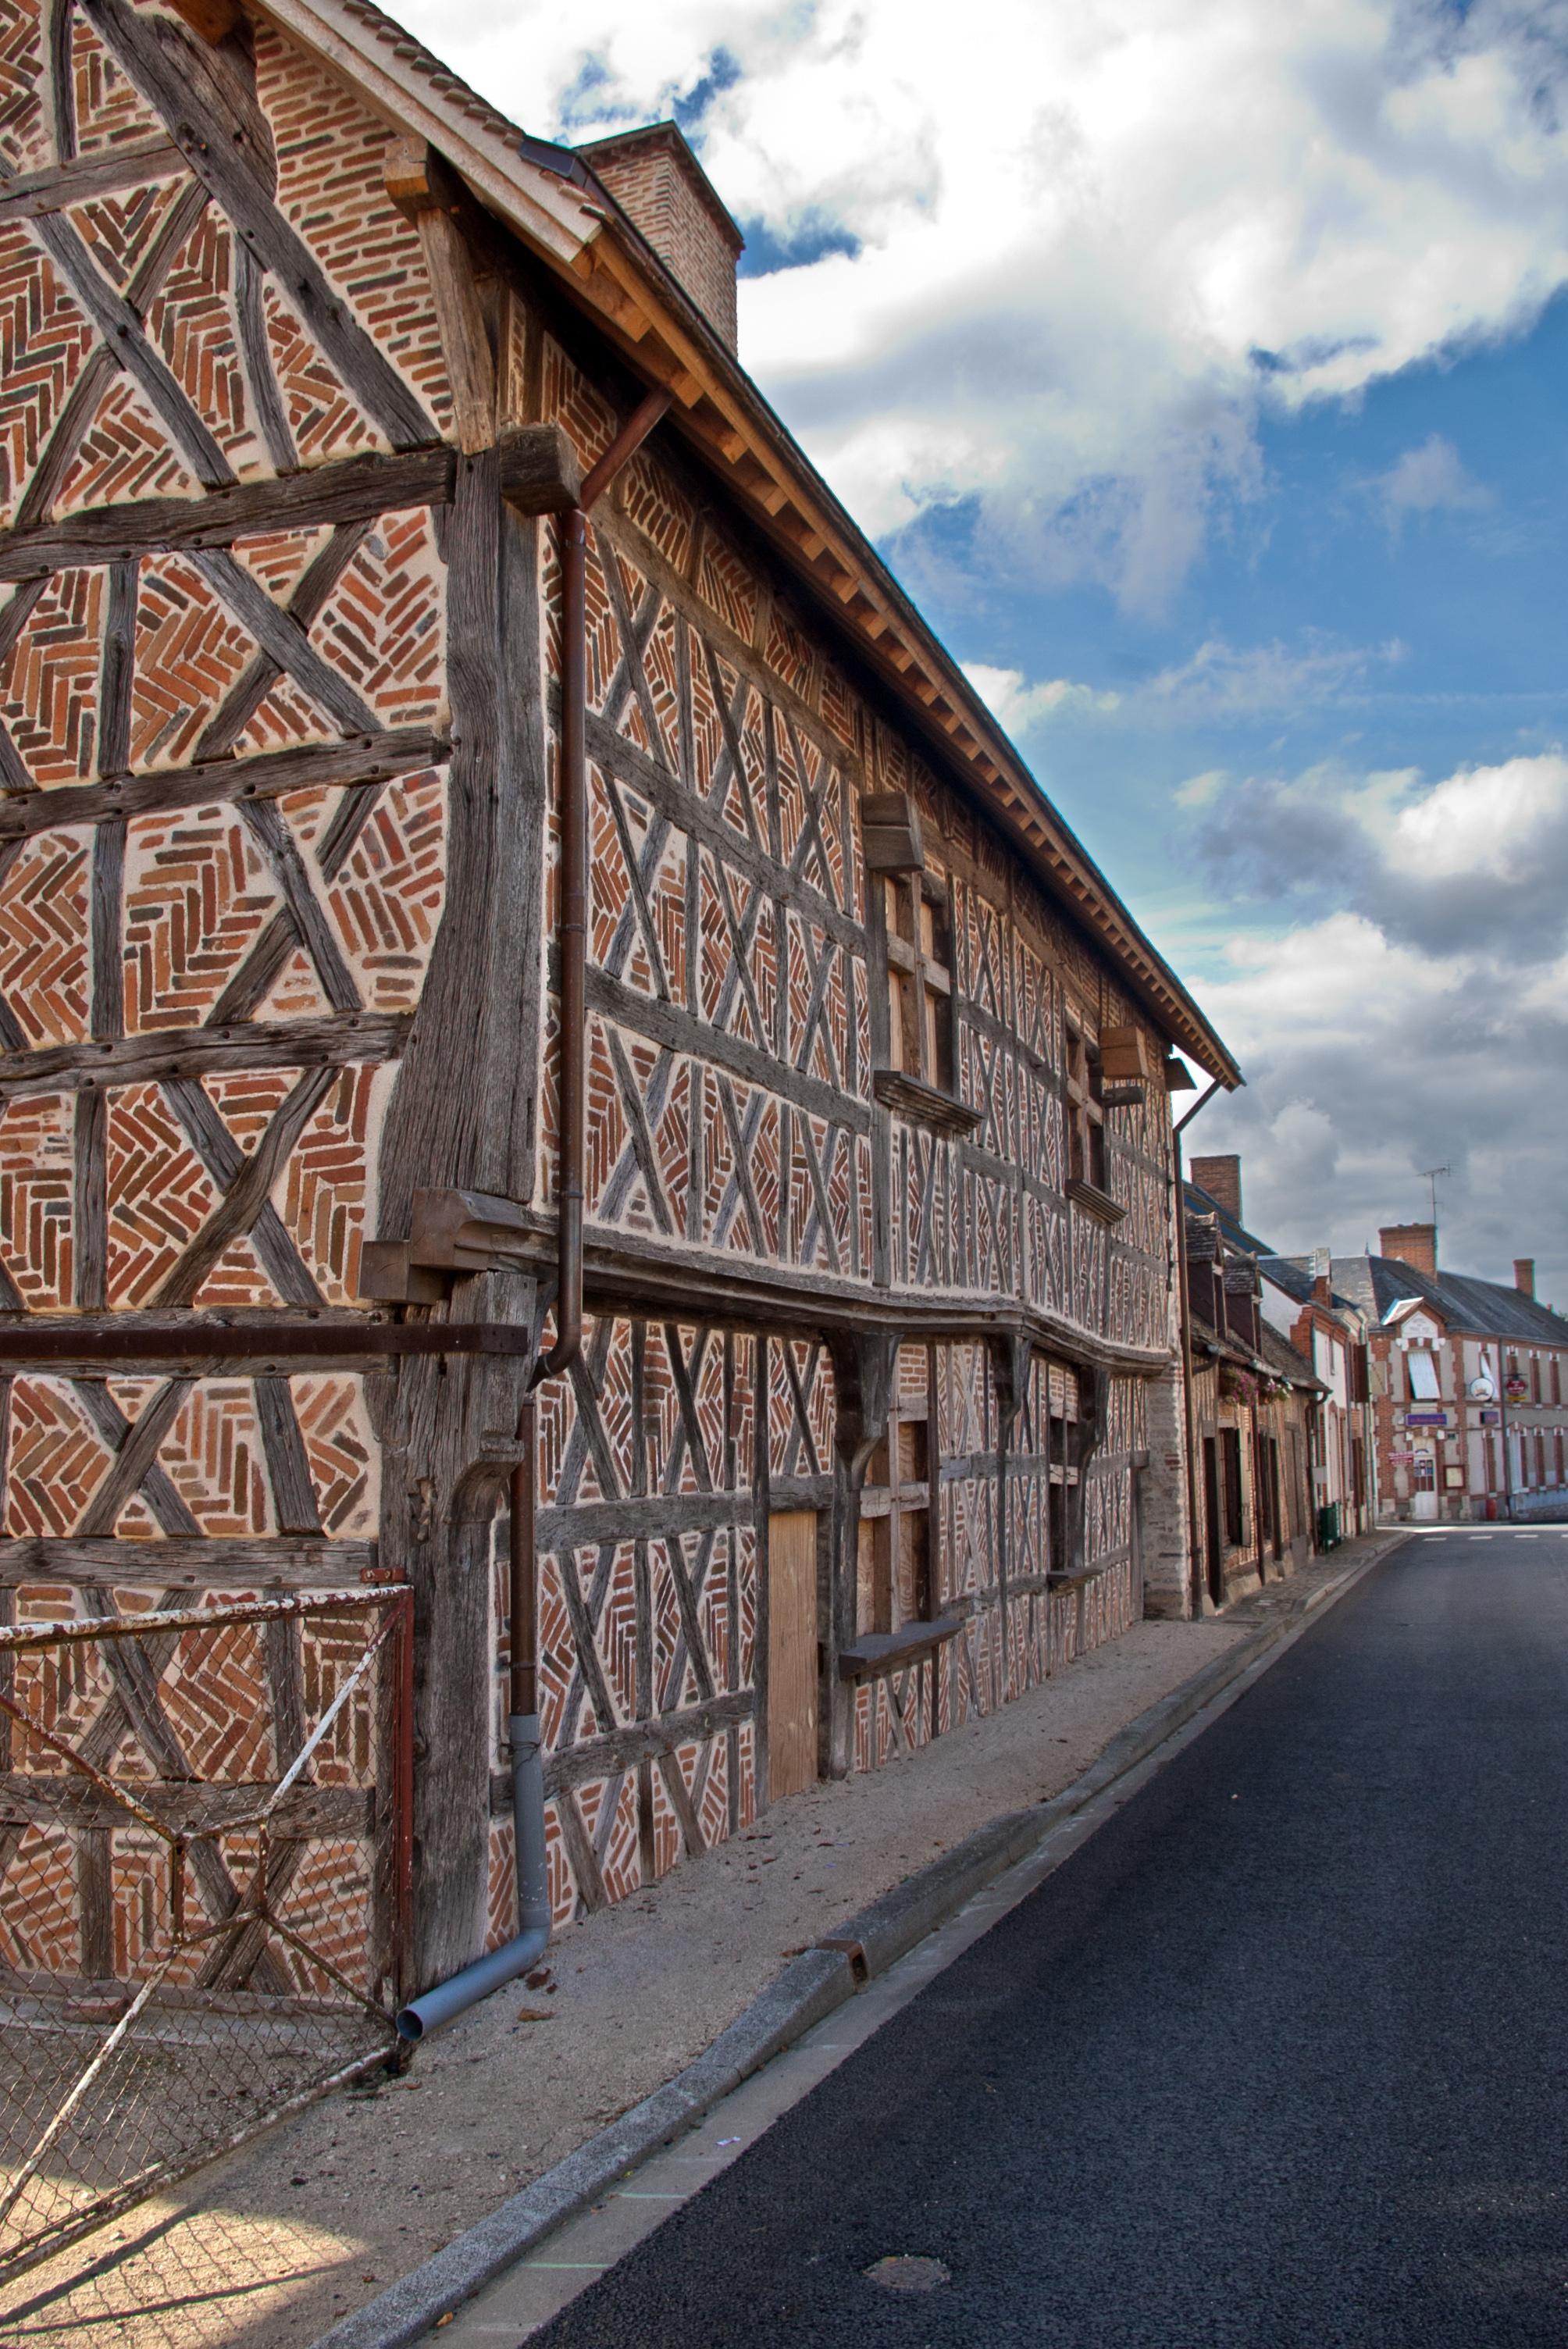 Constructeur Maison En Bois Loir Et Cher file:courmemin (loir-et-cher). (8047898168) - wikimedia